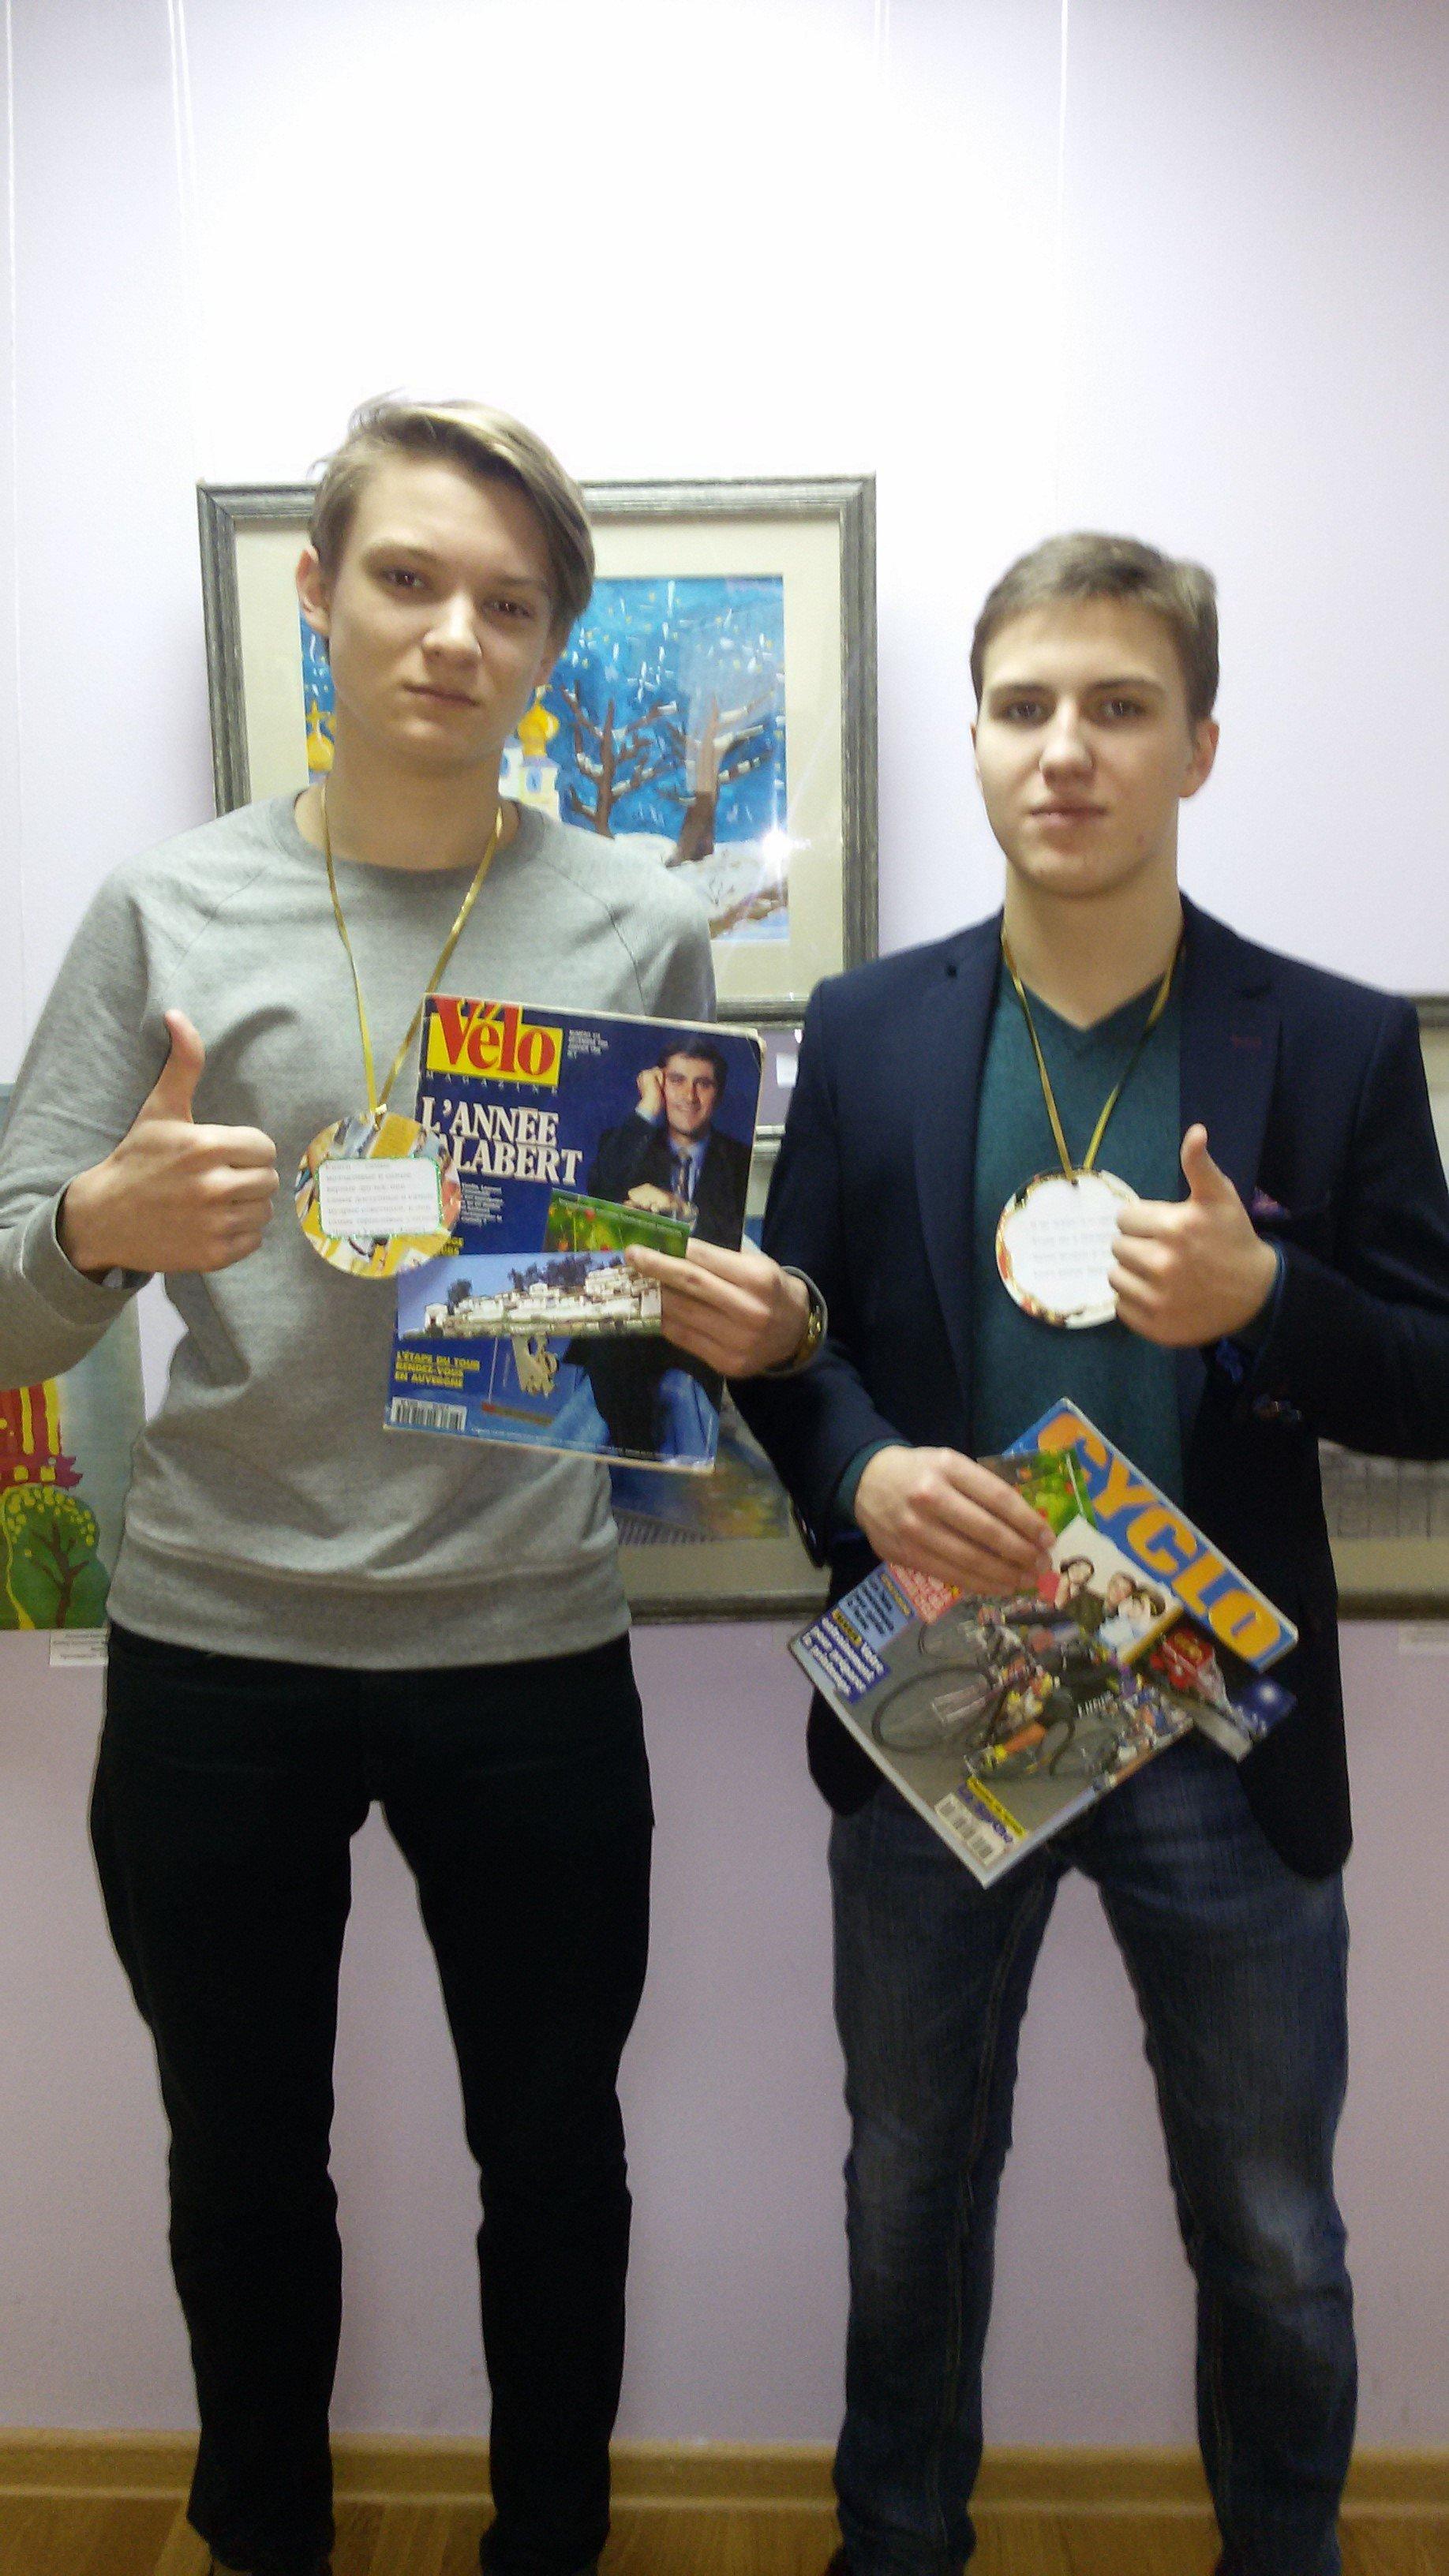 День подарков в россии когда 11